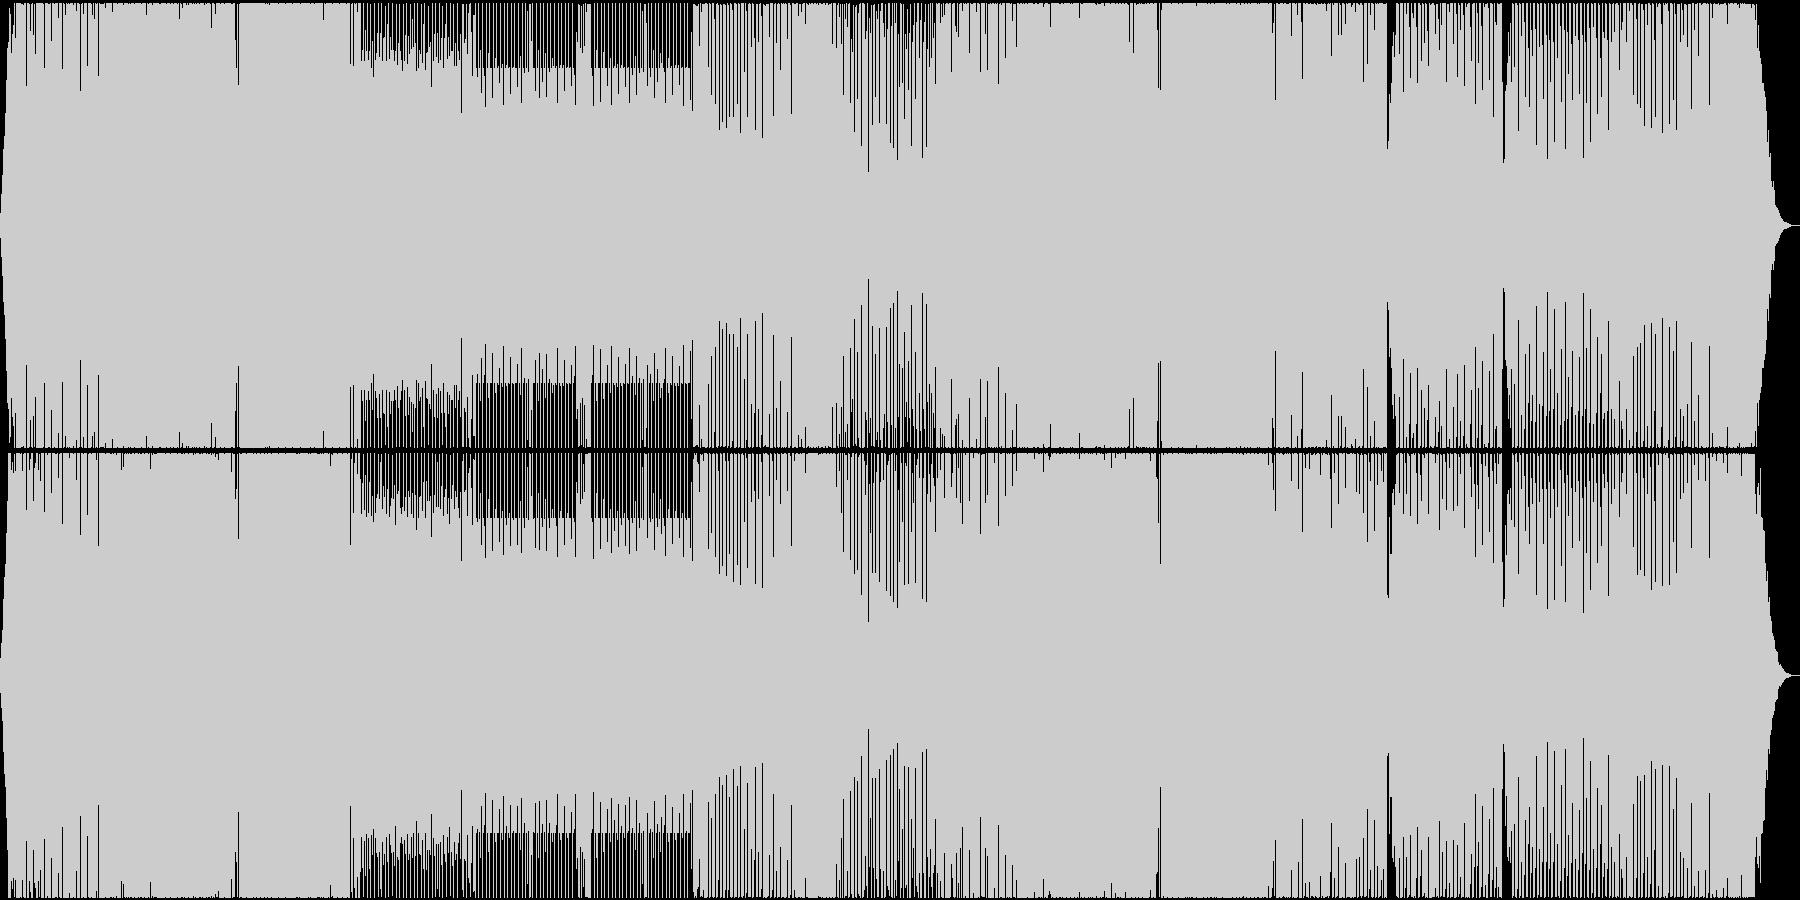 EDM スピード感 爽快 スポーツ 動画の未再生の波形